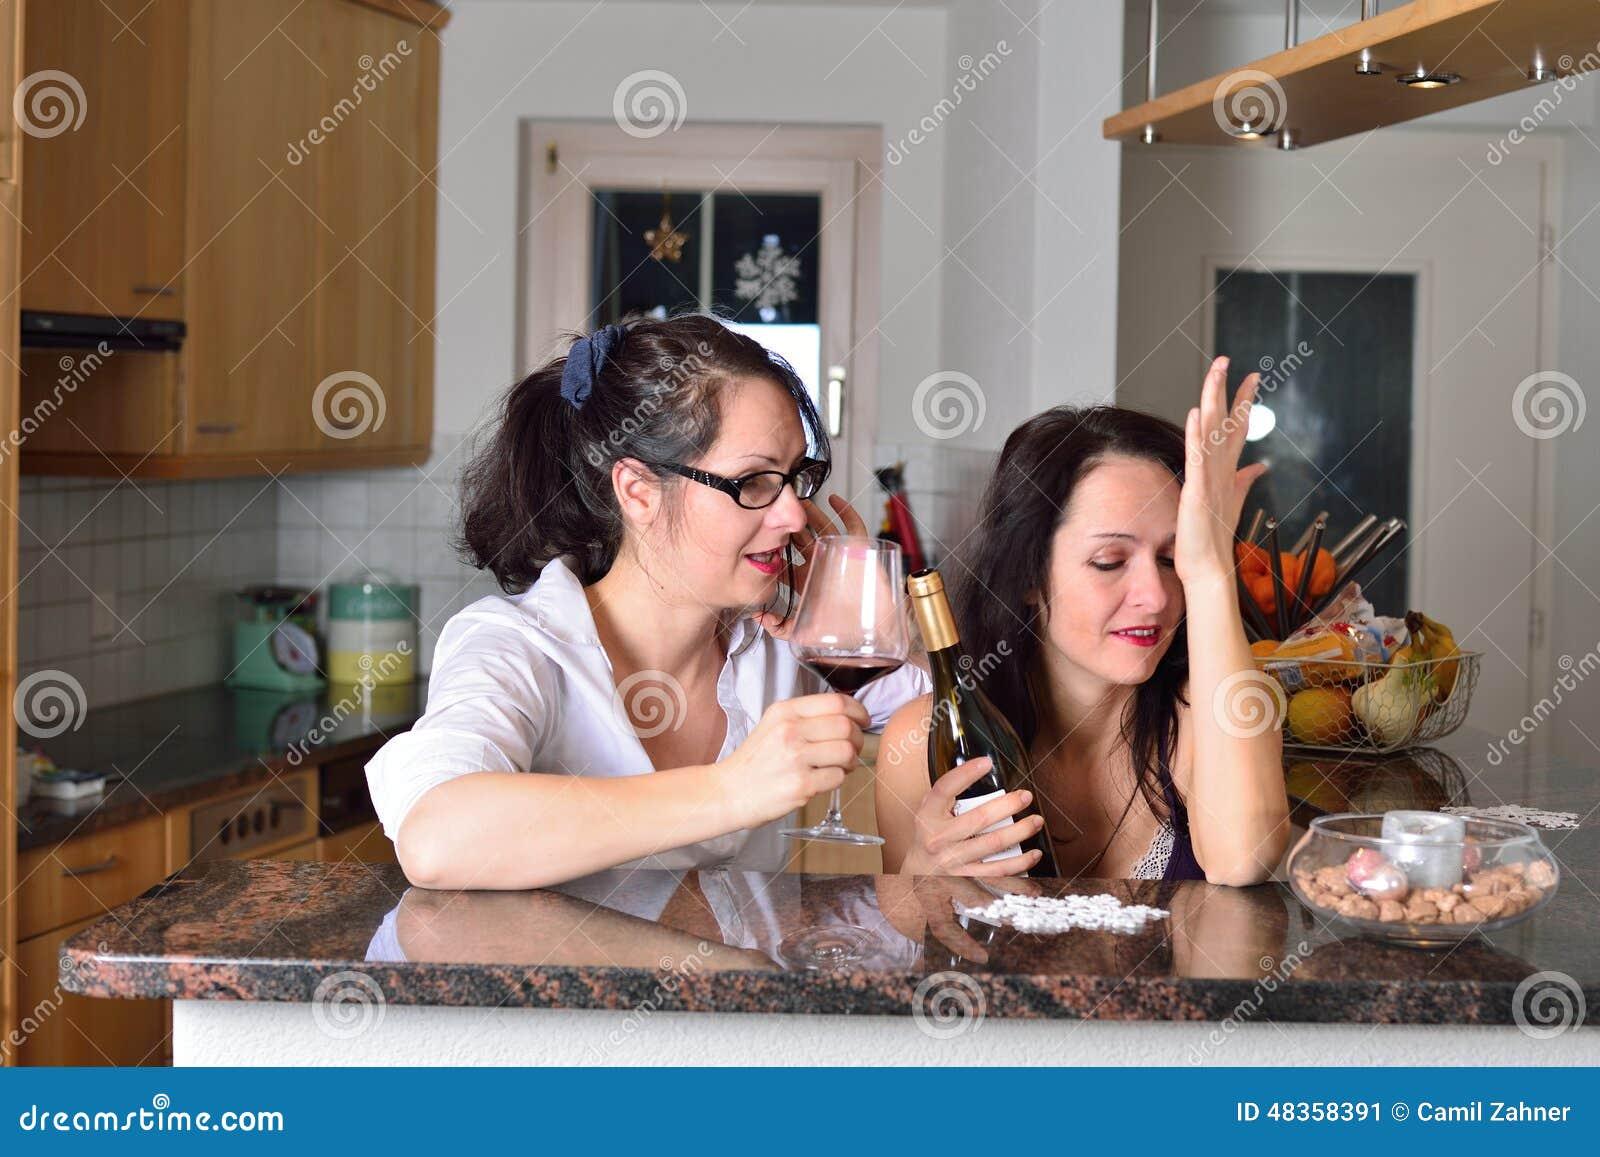 e31b2a49b0 Dos mujeres borrachas imagen de archivo. Imagen de concepto - 48358391